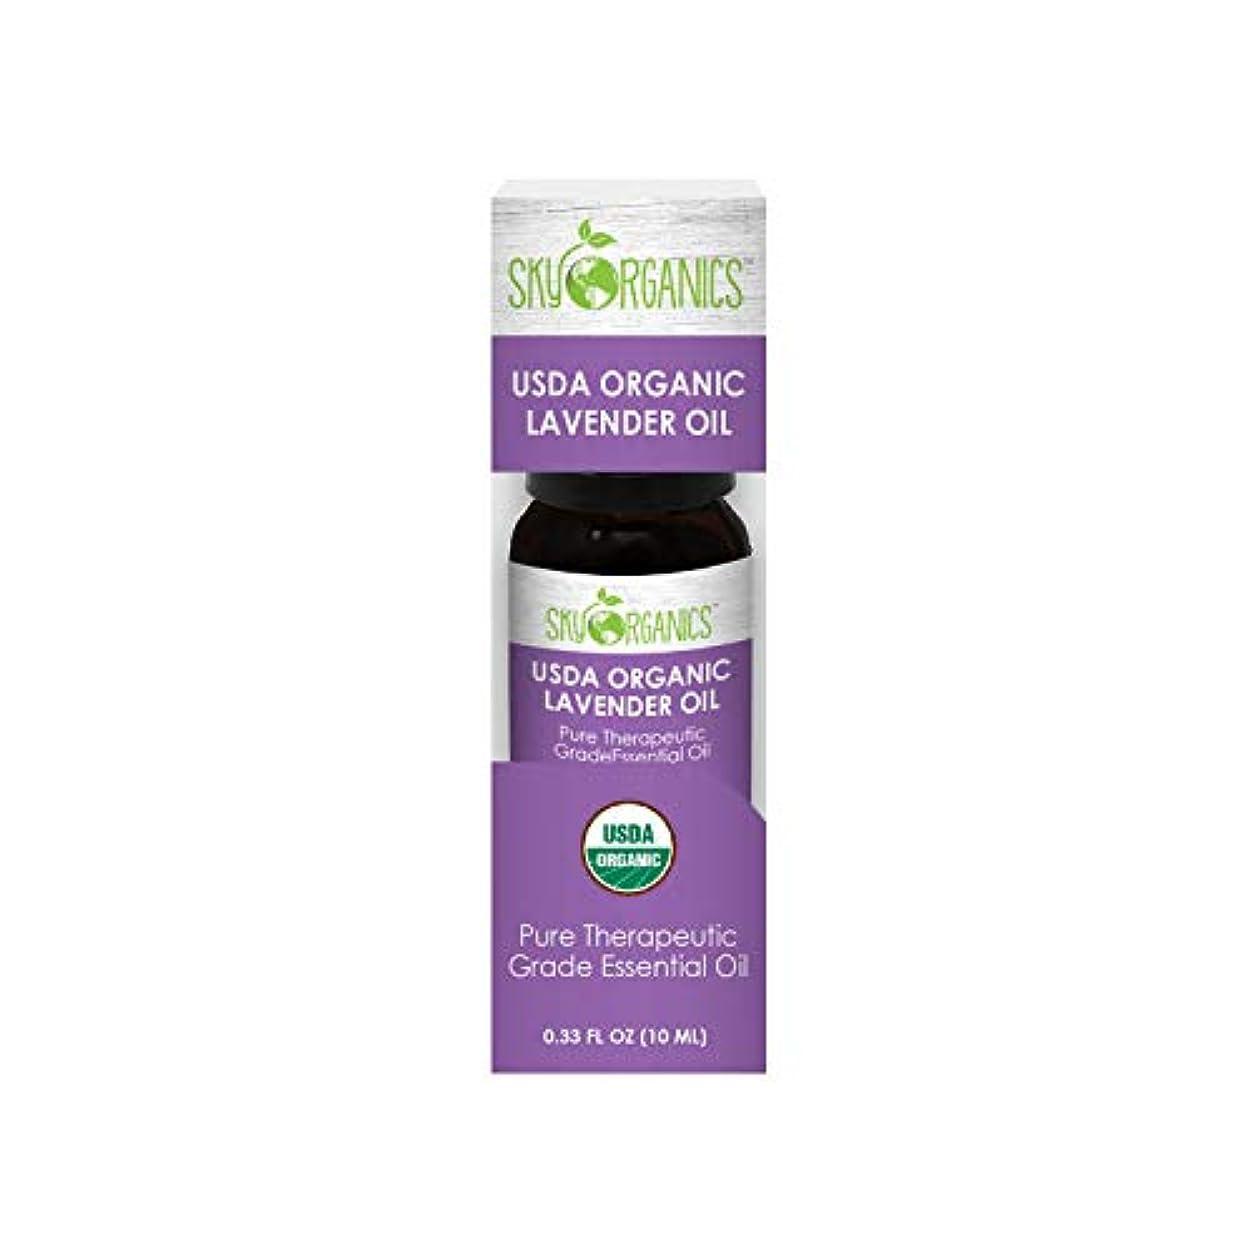 拍手カヌー起きろ認定エッセンシャルオイル Lavender Oil Sky Organics USDAオーガニックラベンダーオイル-10 ml-ピュアセラピューティックグレードのエッセンシャルオイル-ディフューザー、アロマセラピー、マッサージオイル...